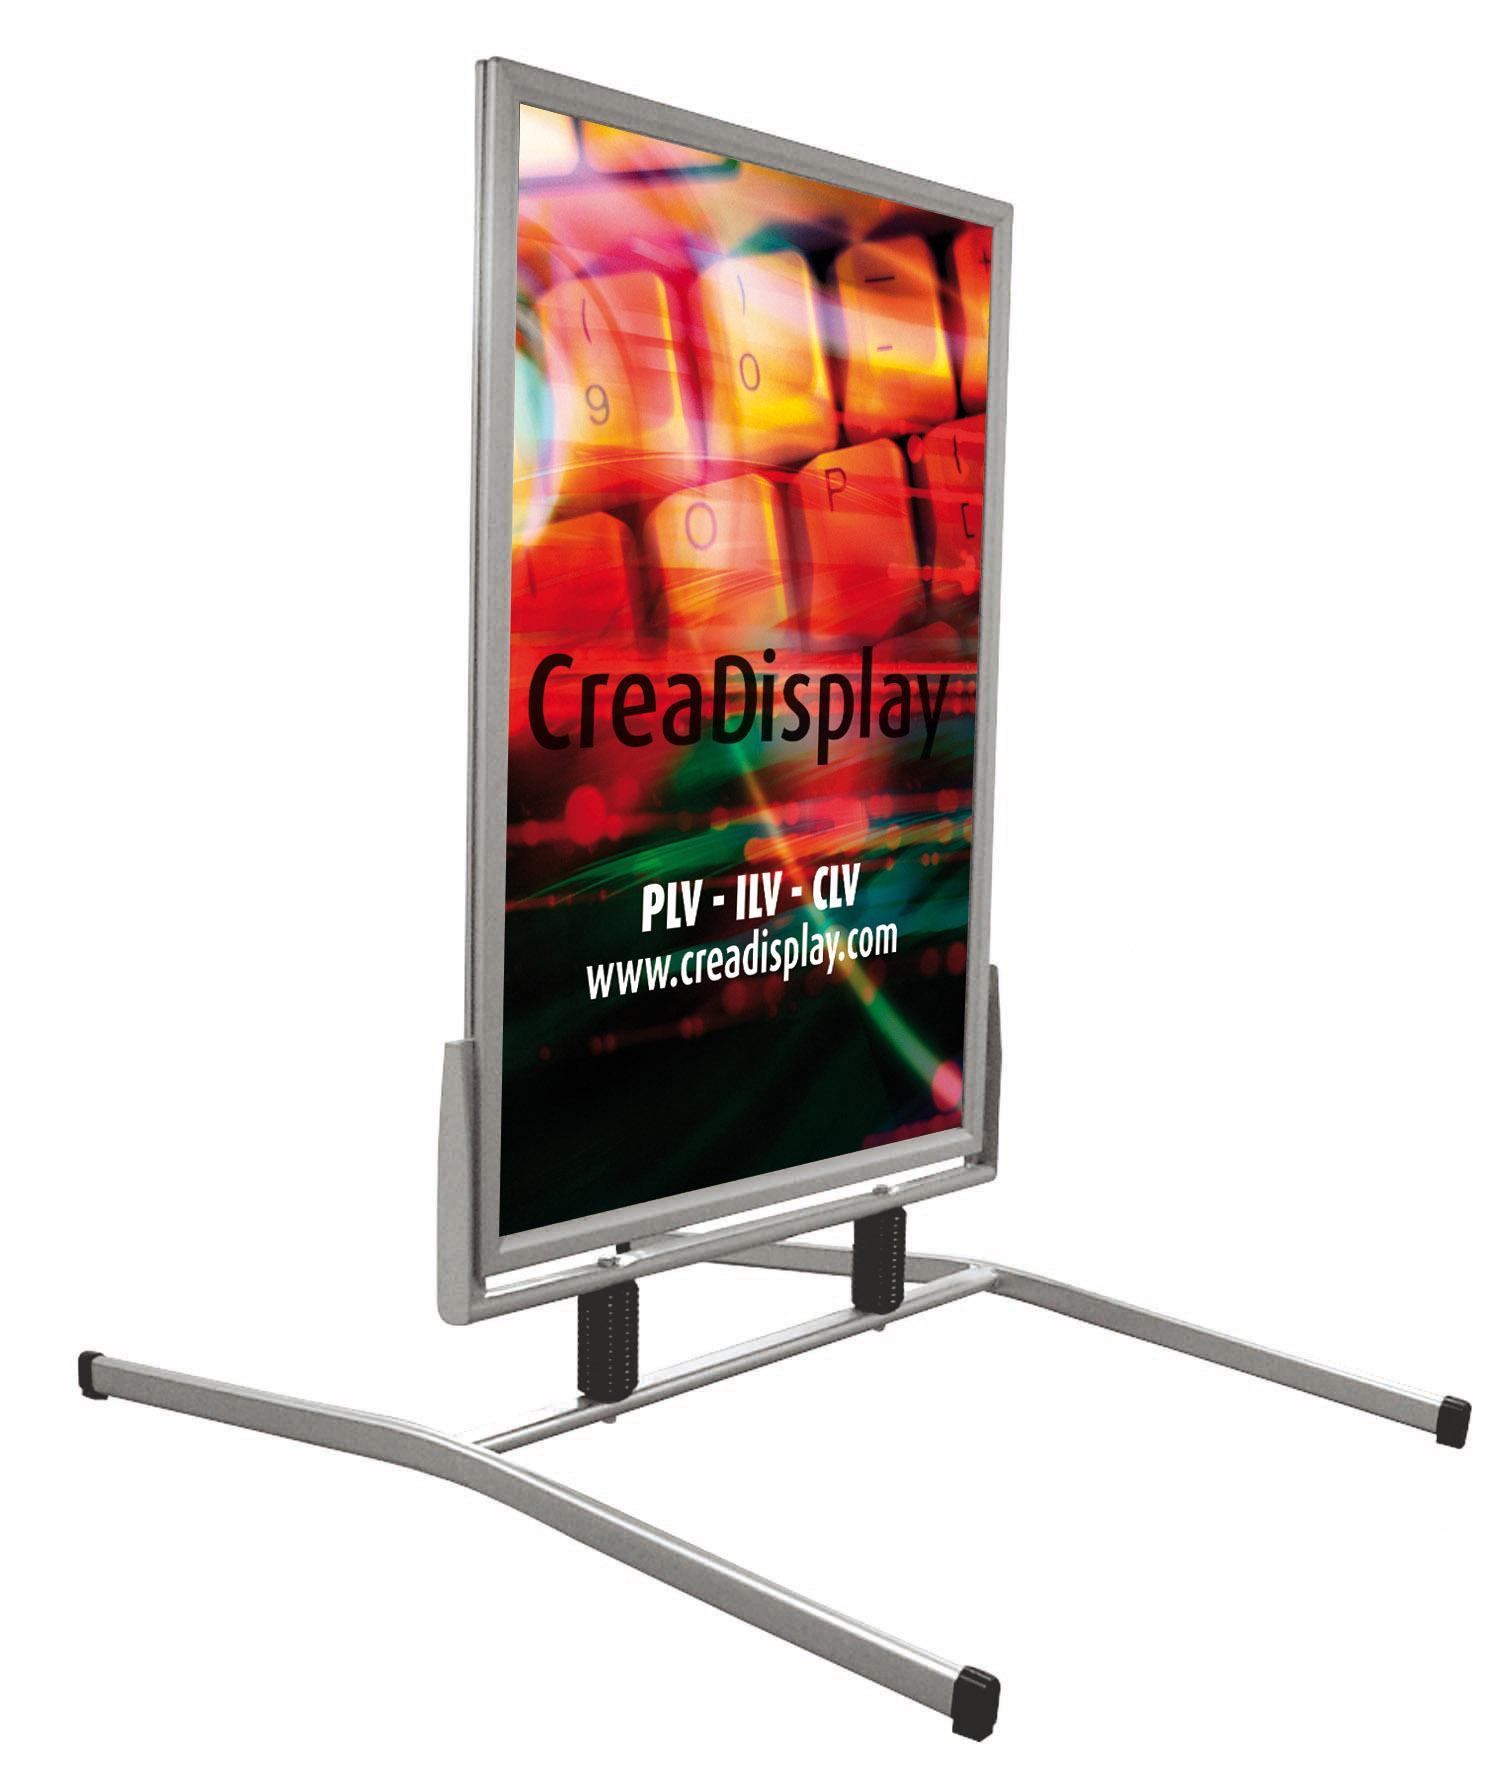 Chevalet de trottoir for Pancarte publicitaire exterieur